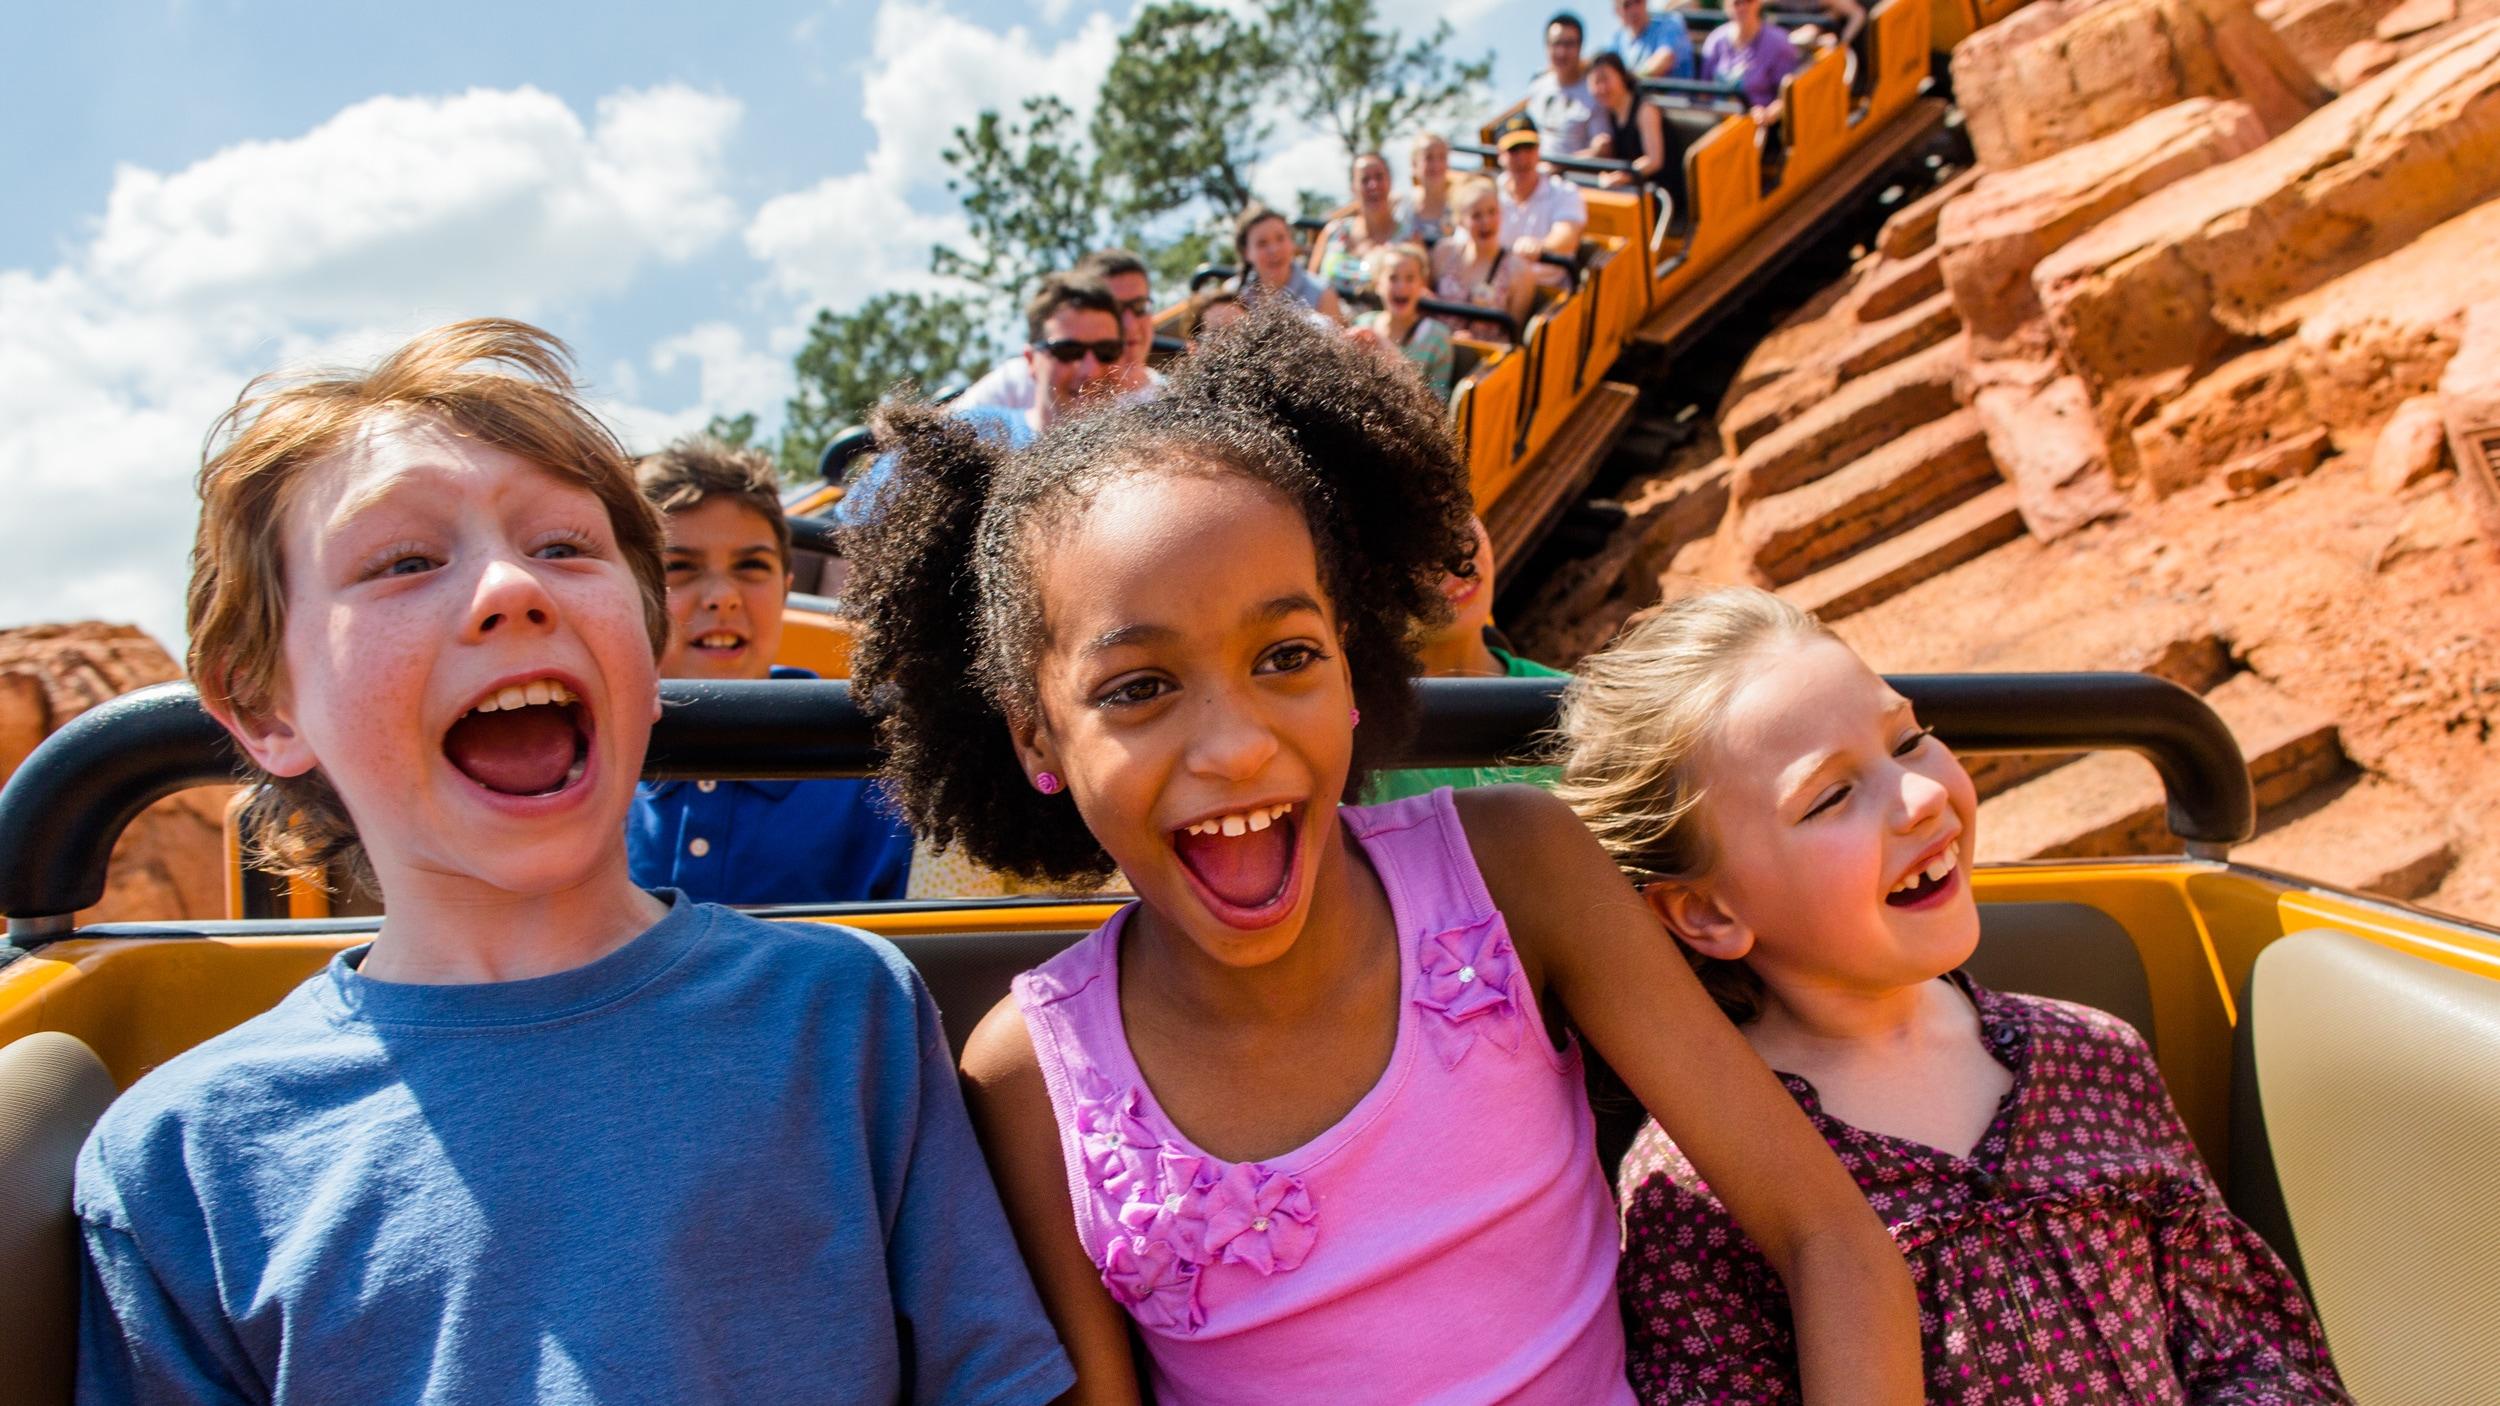 ビッグサンダー・マウンテンの最前列に乗っている 3 人の子供たち